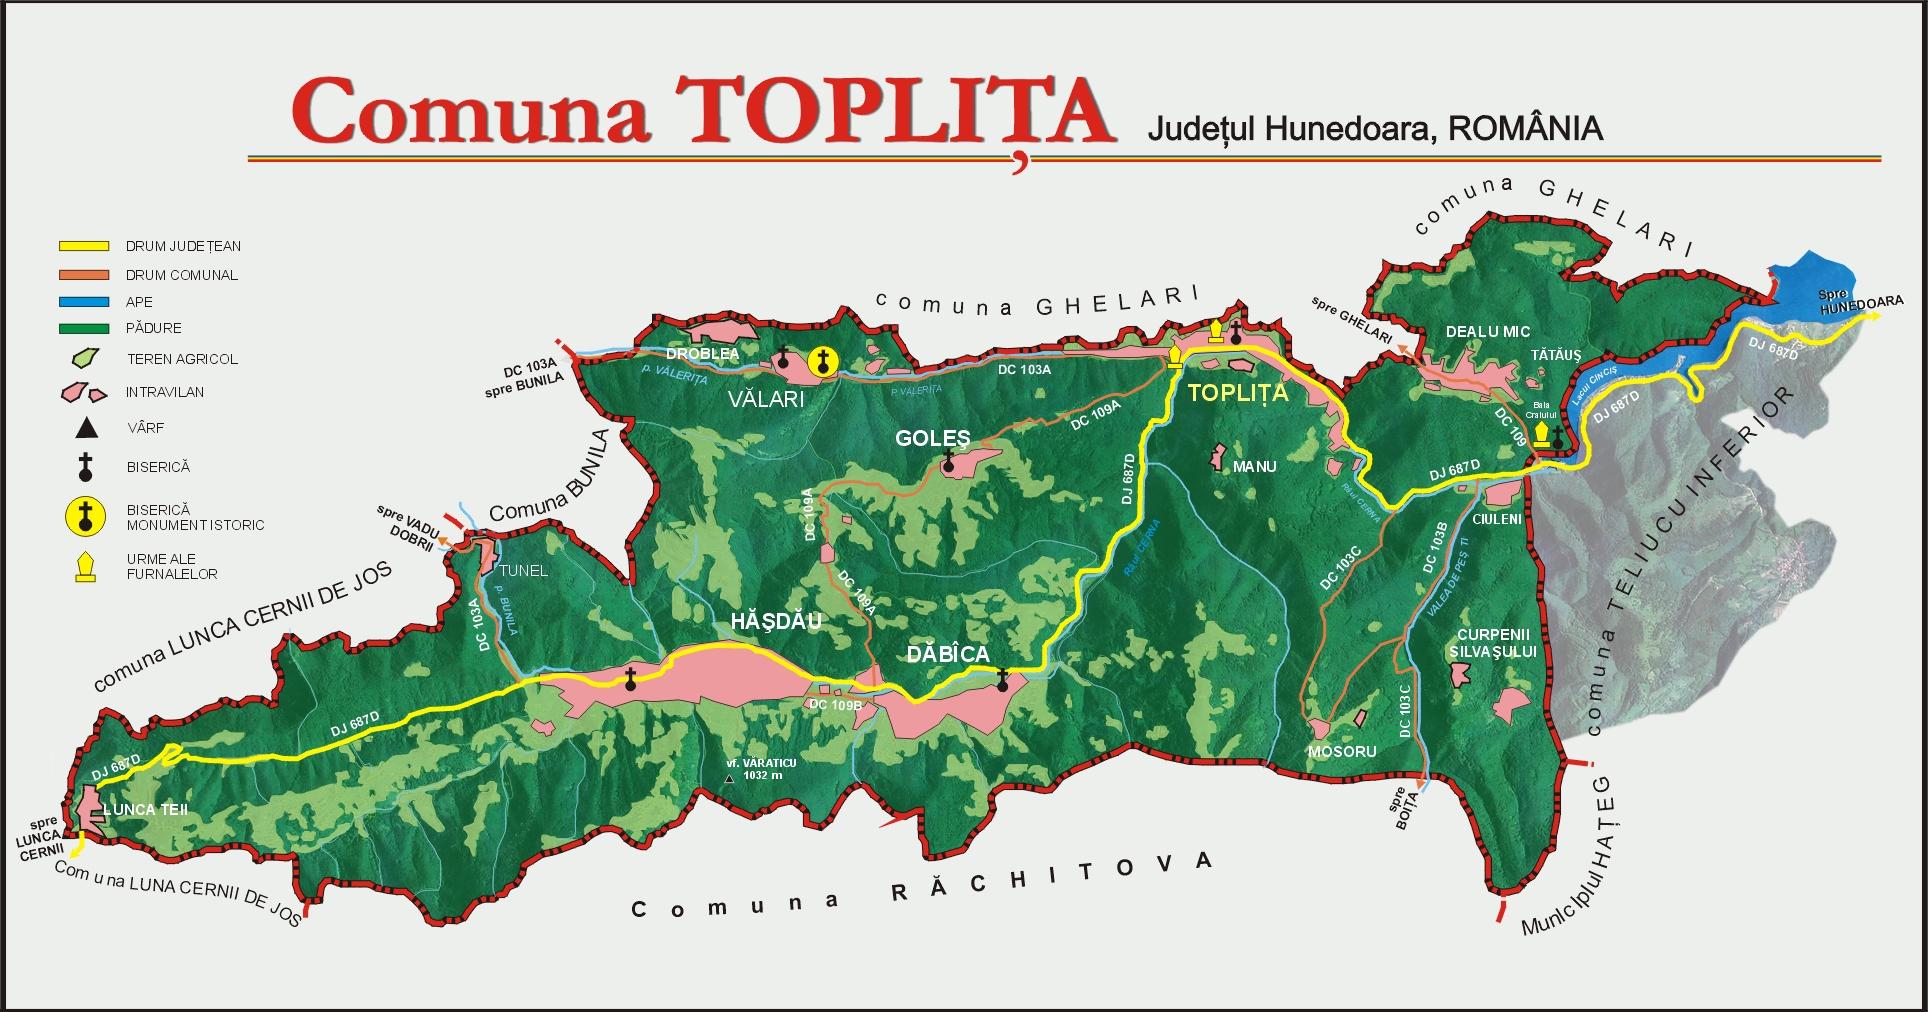 Localizare Si Suprafata Comuna Toplița Jud Hunedoara